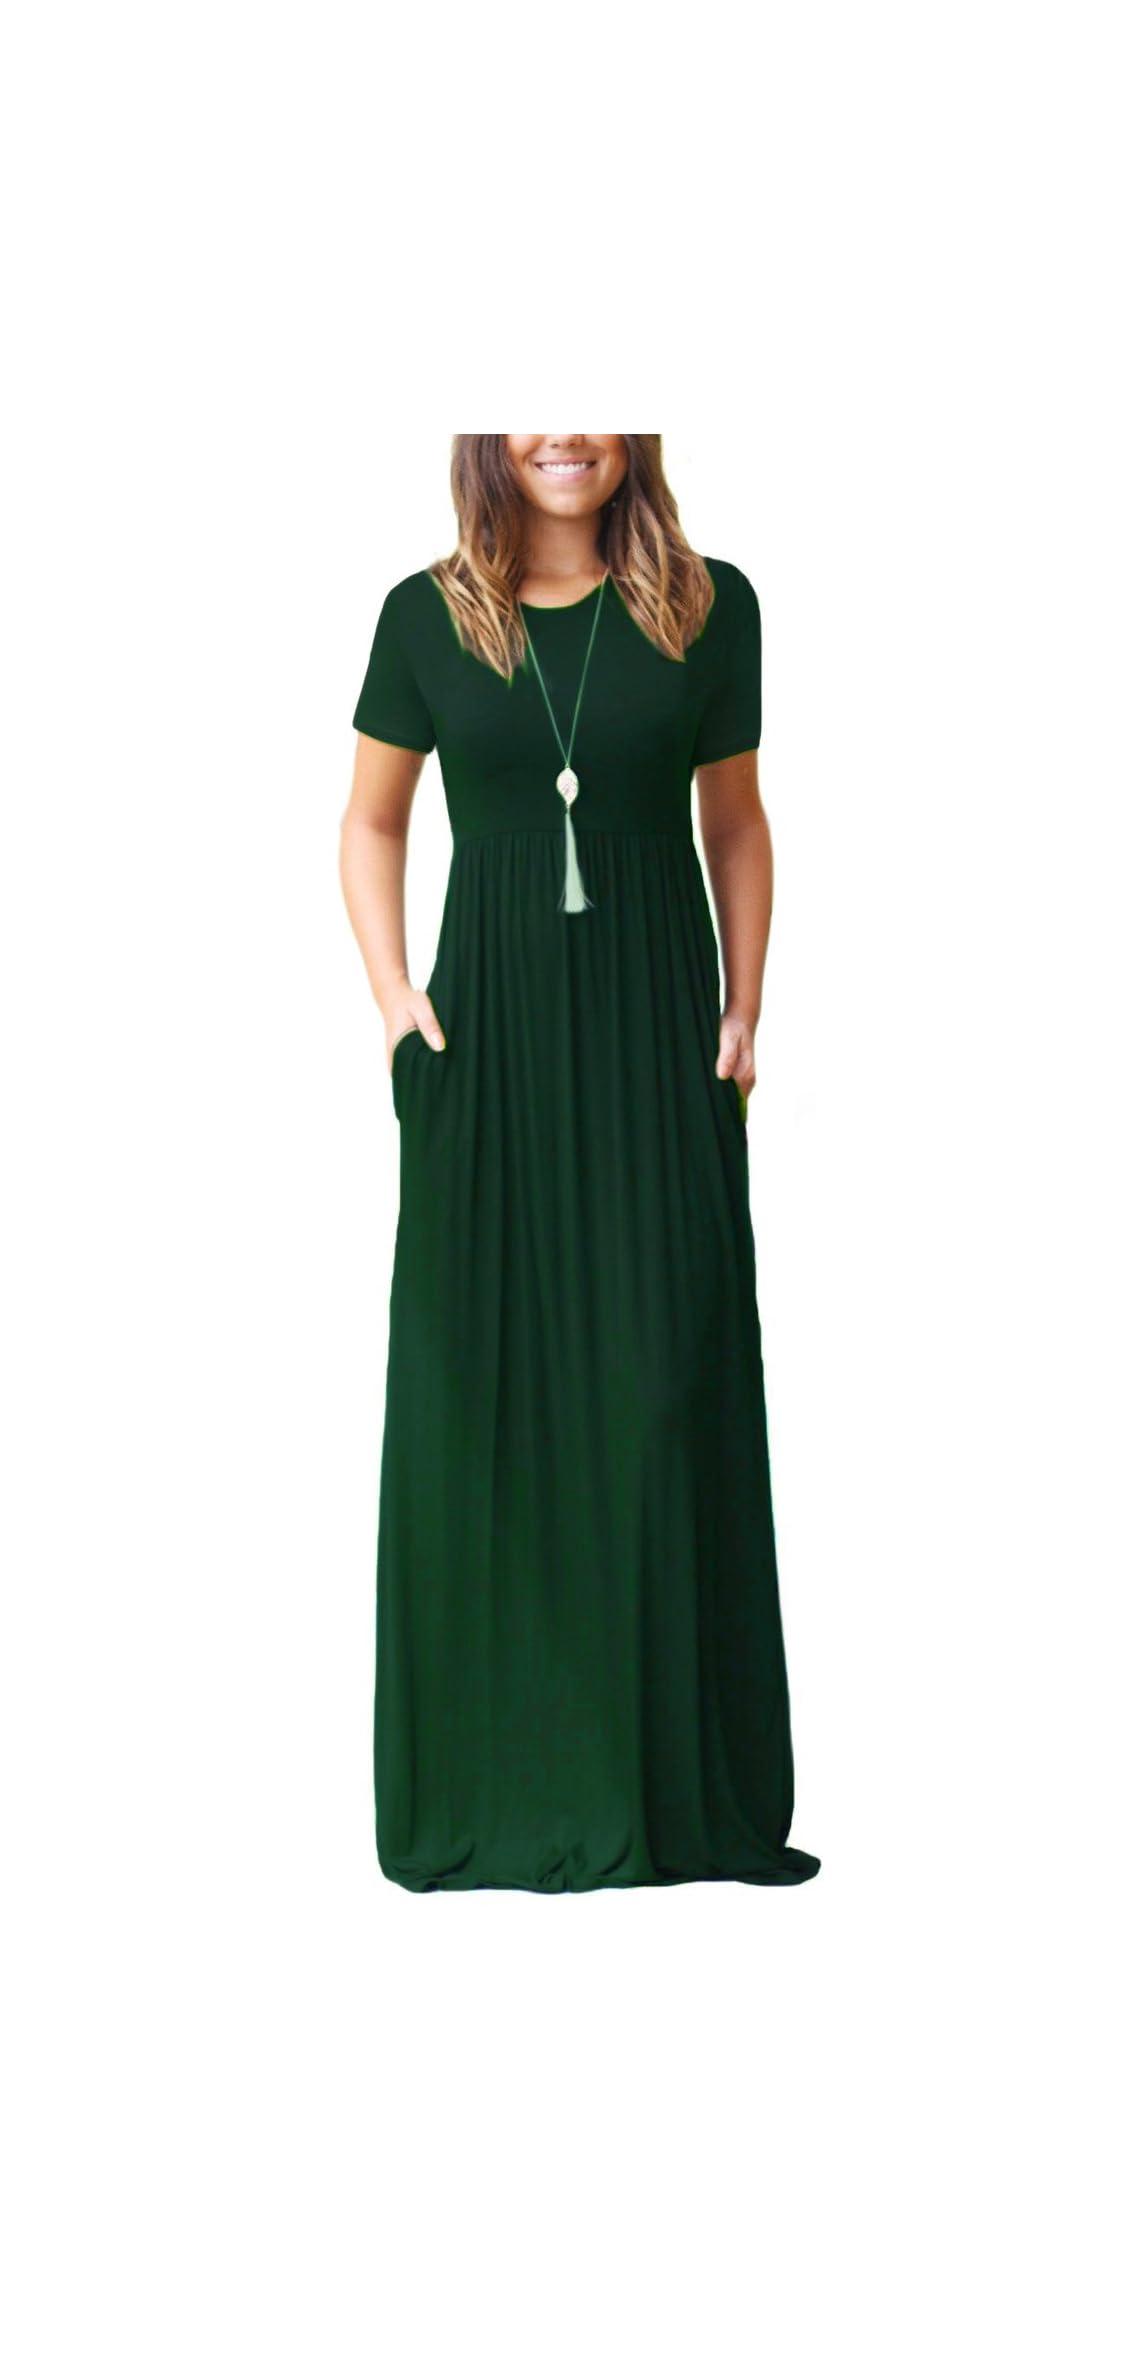 Women Short Sleeve Loose Plain Maxi Dresses Casual Long